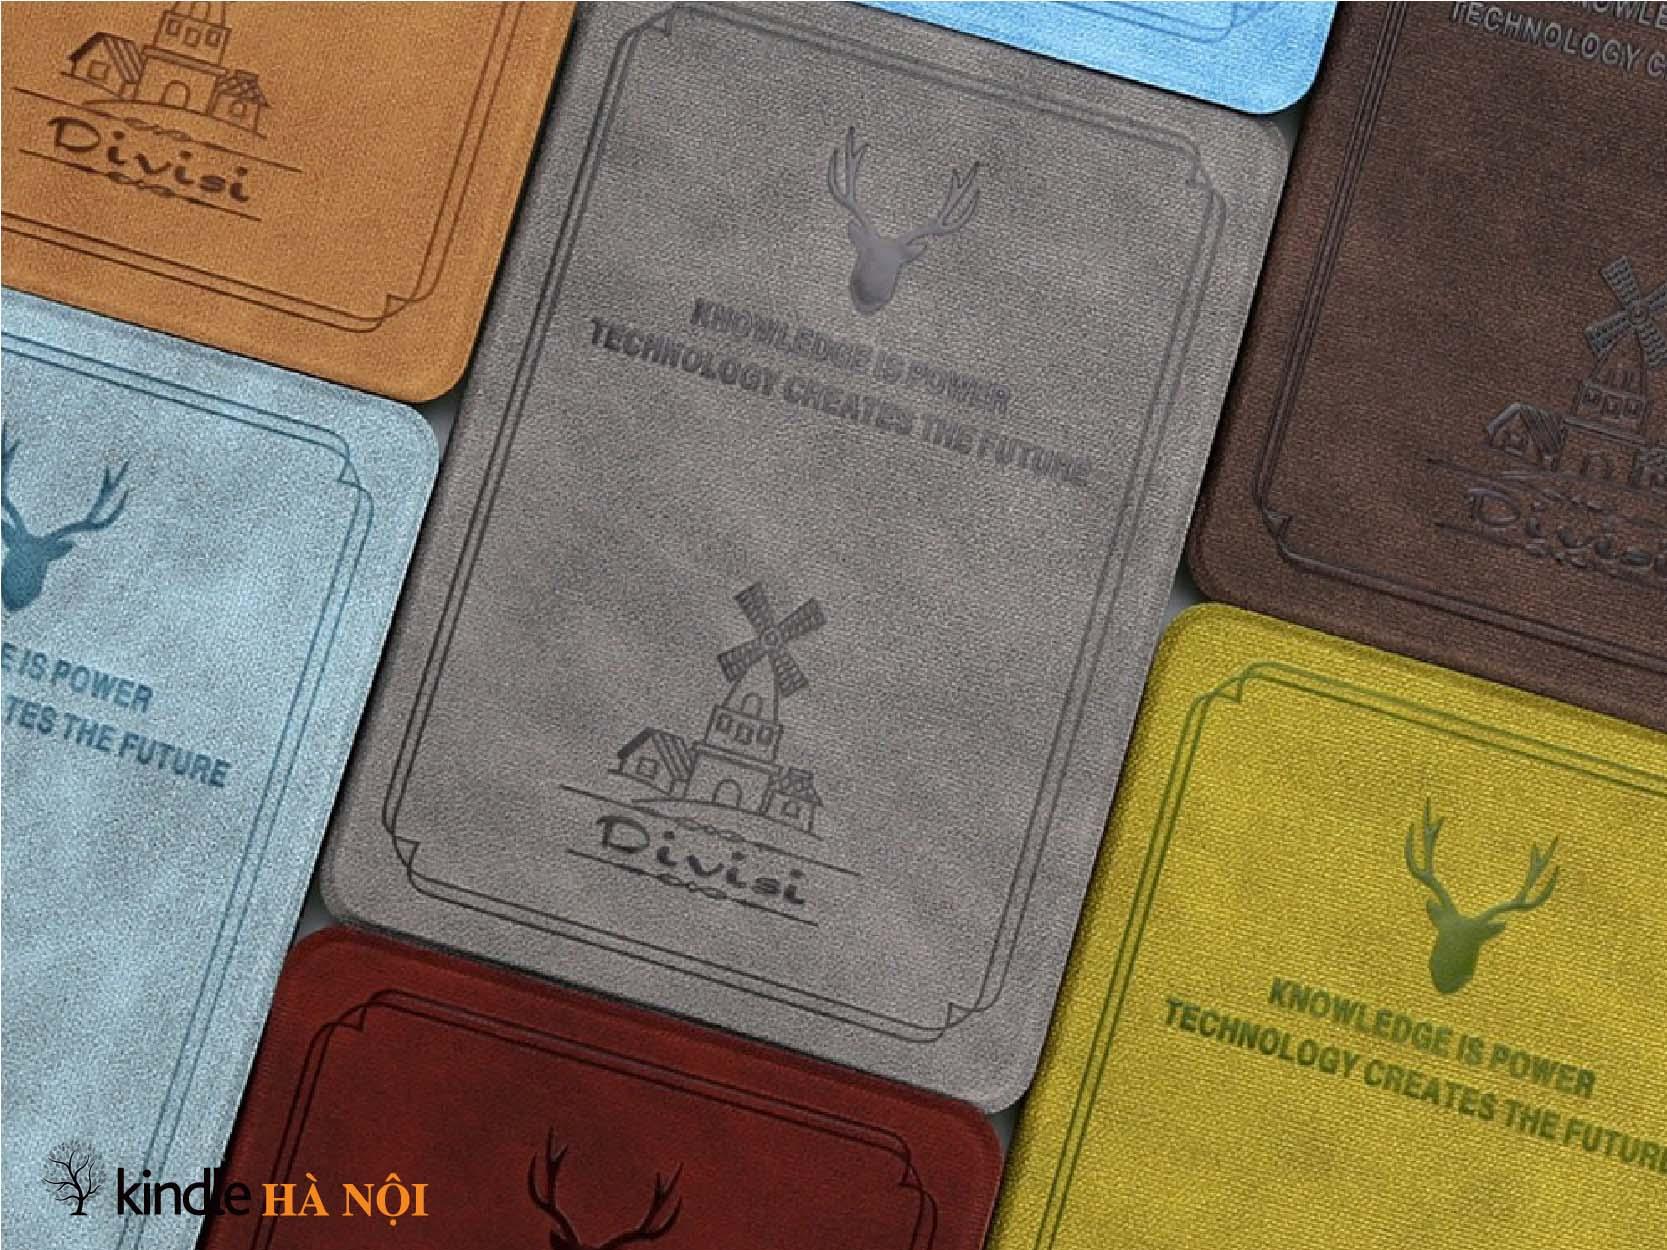 Case - Cover Kindle - Kindlehanoi.vn